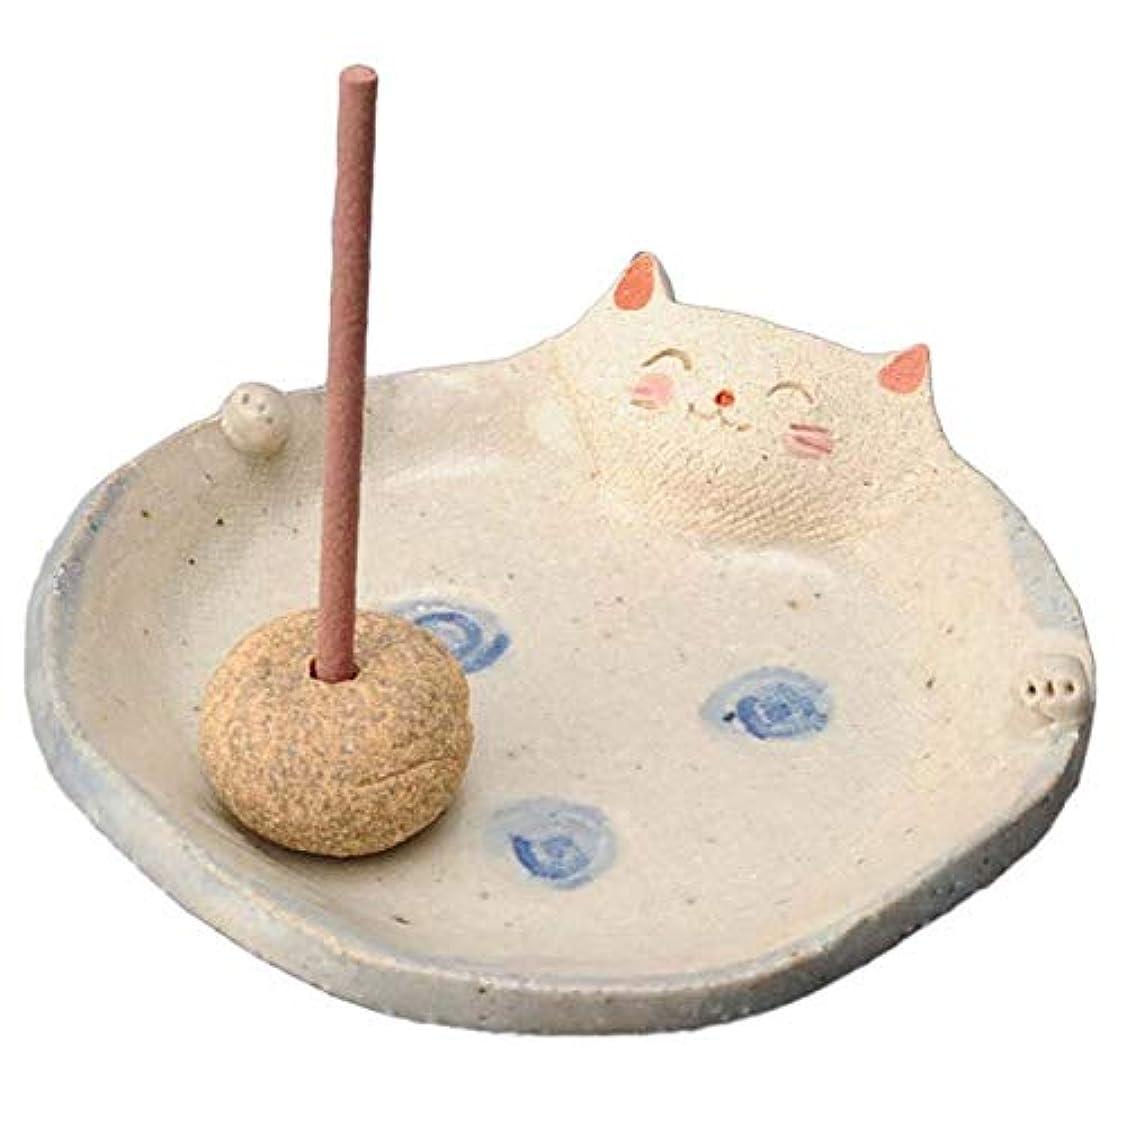 困惑設計確認してください手造り 香皿 香立て/ふっくら 香皿(ネコ) /香り アロマ 癒やし リラックス インテリア プレゼント 贈り物